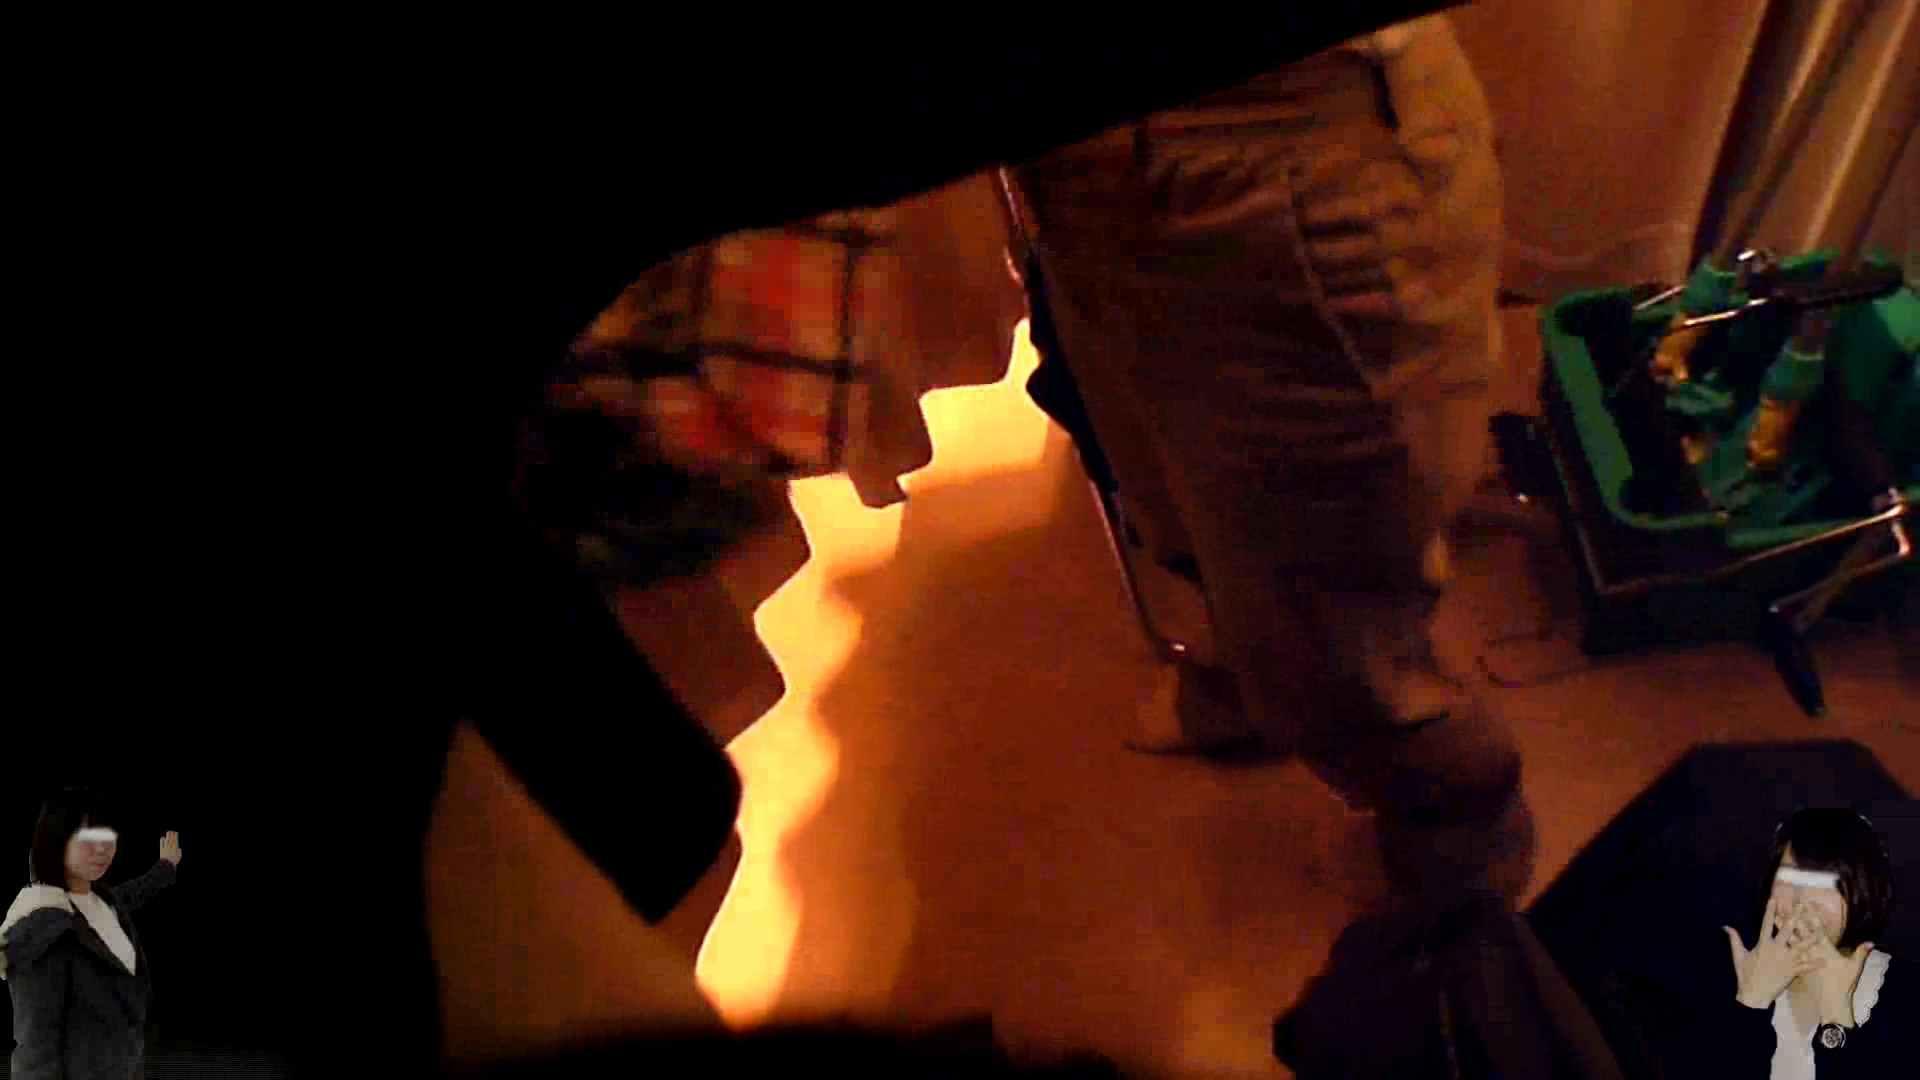 素人投稿 現役「JD」Eちゃんの着替え Vol.04 着替え おまんこ動画流出 107pic 43